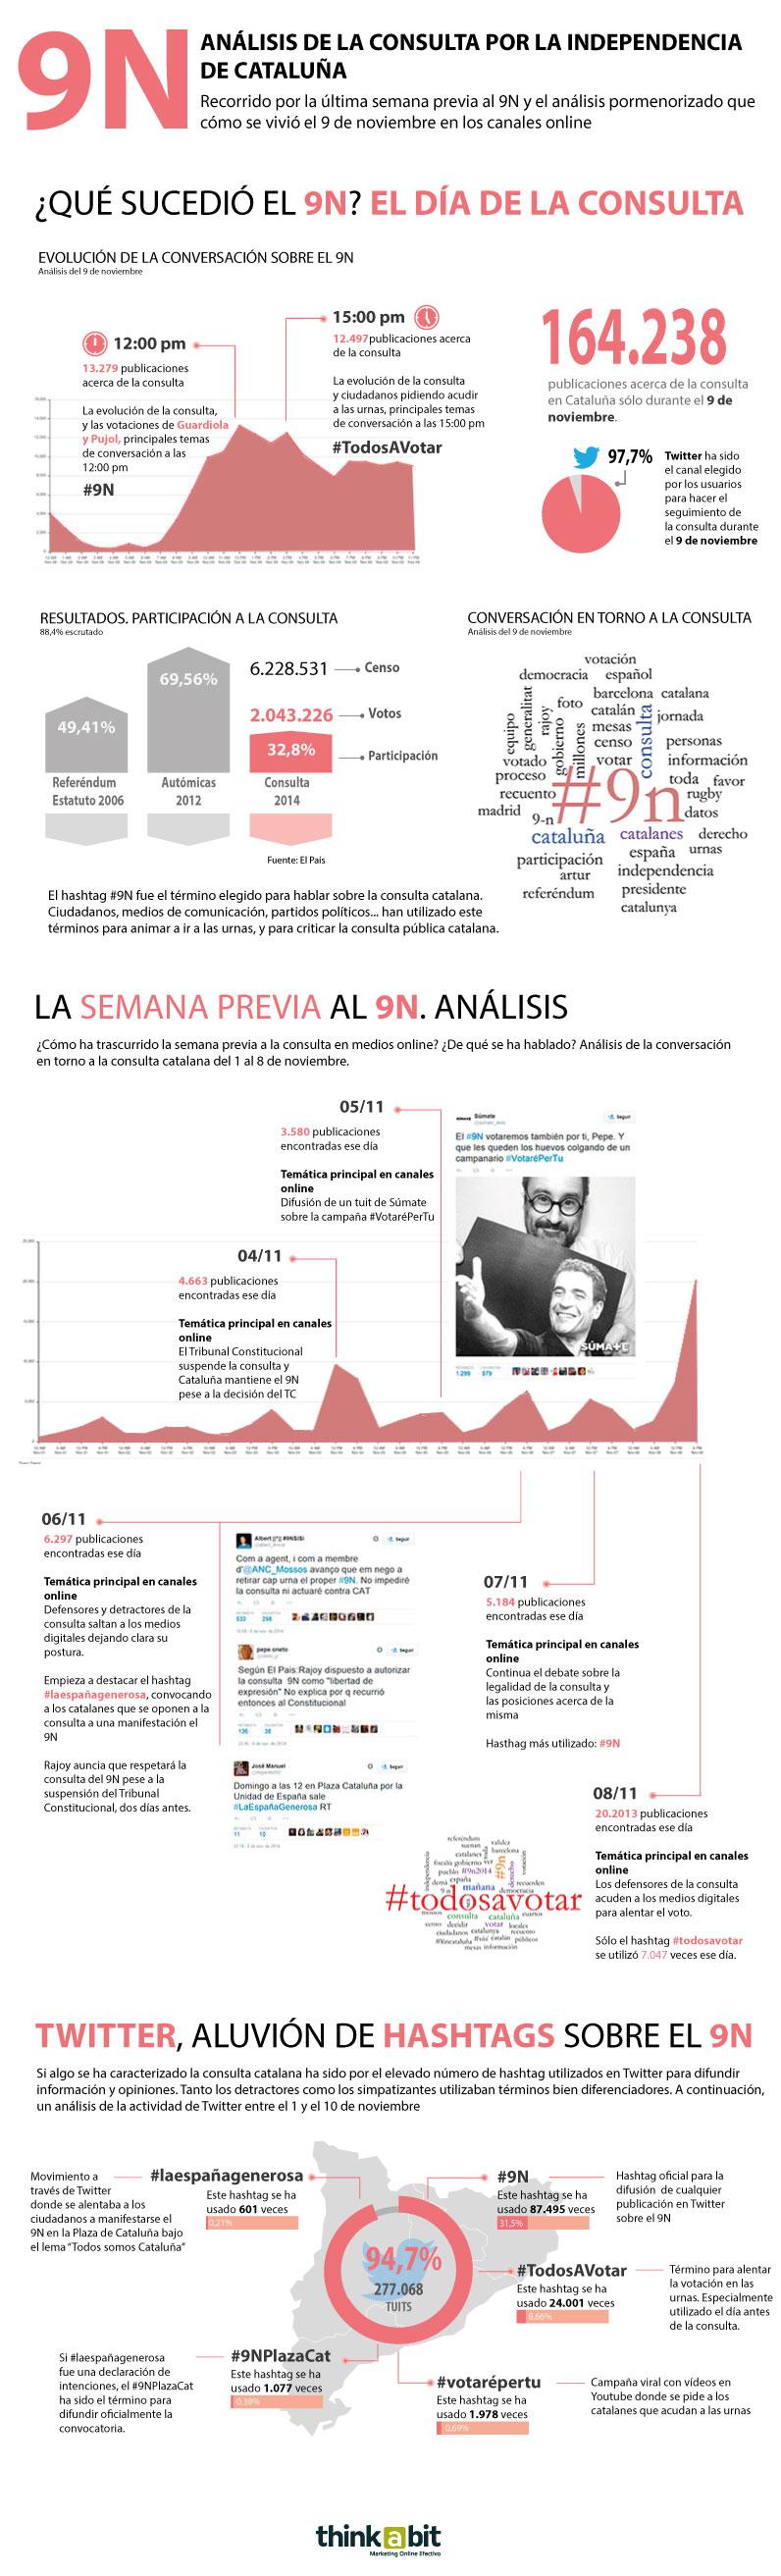 Infografía sobre el 9N. Análisis de la consulta de Cataluña en redes sociales. Thinkabit